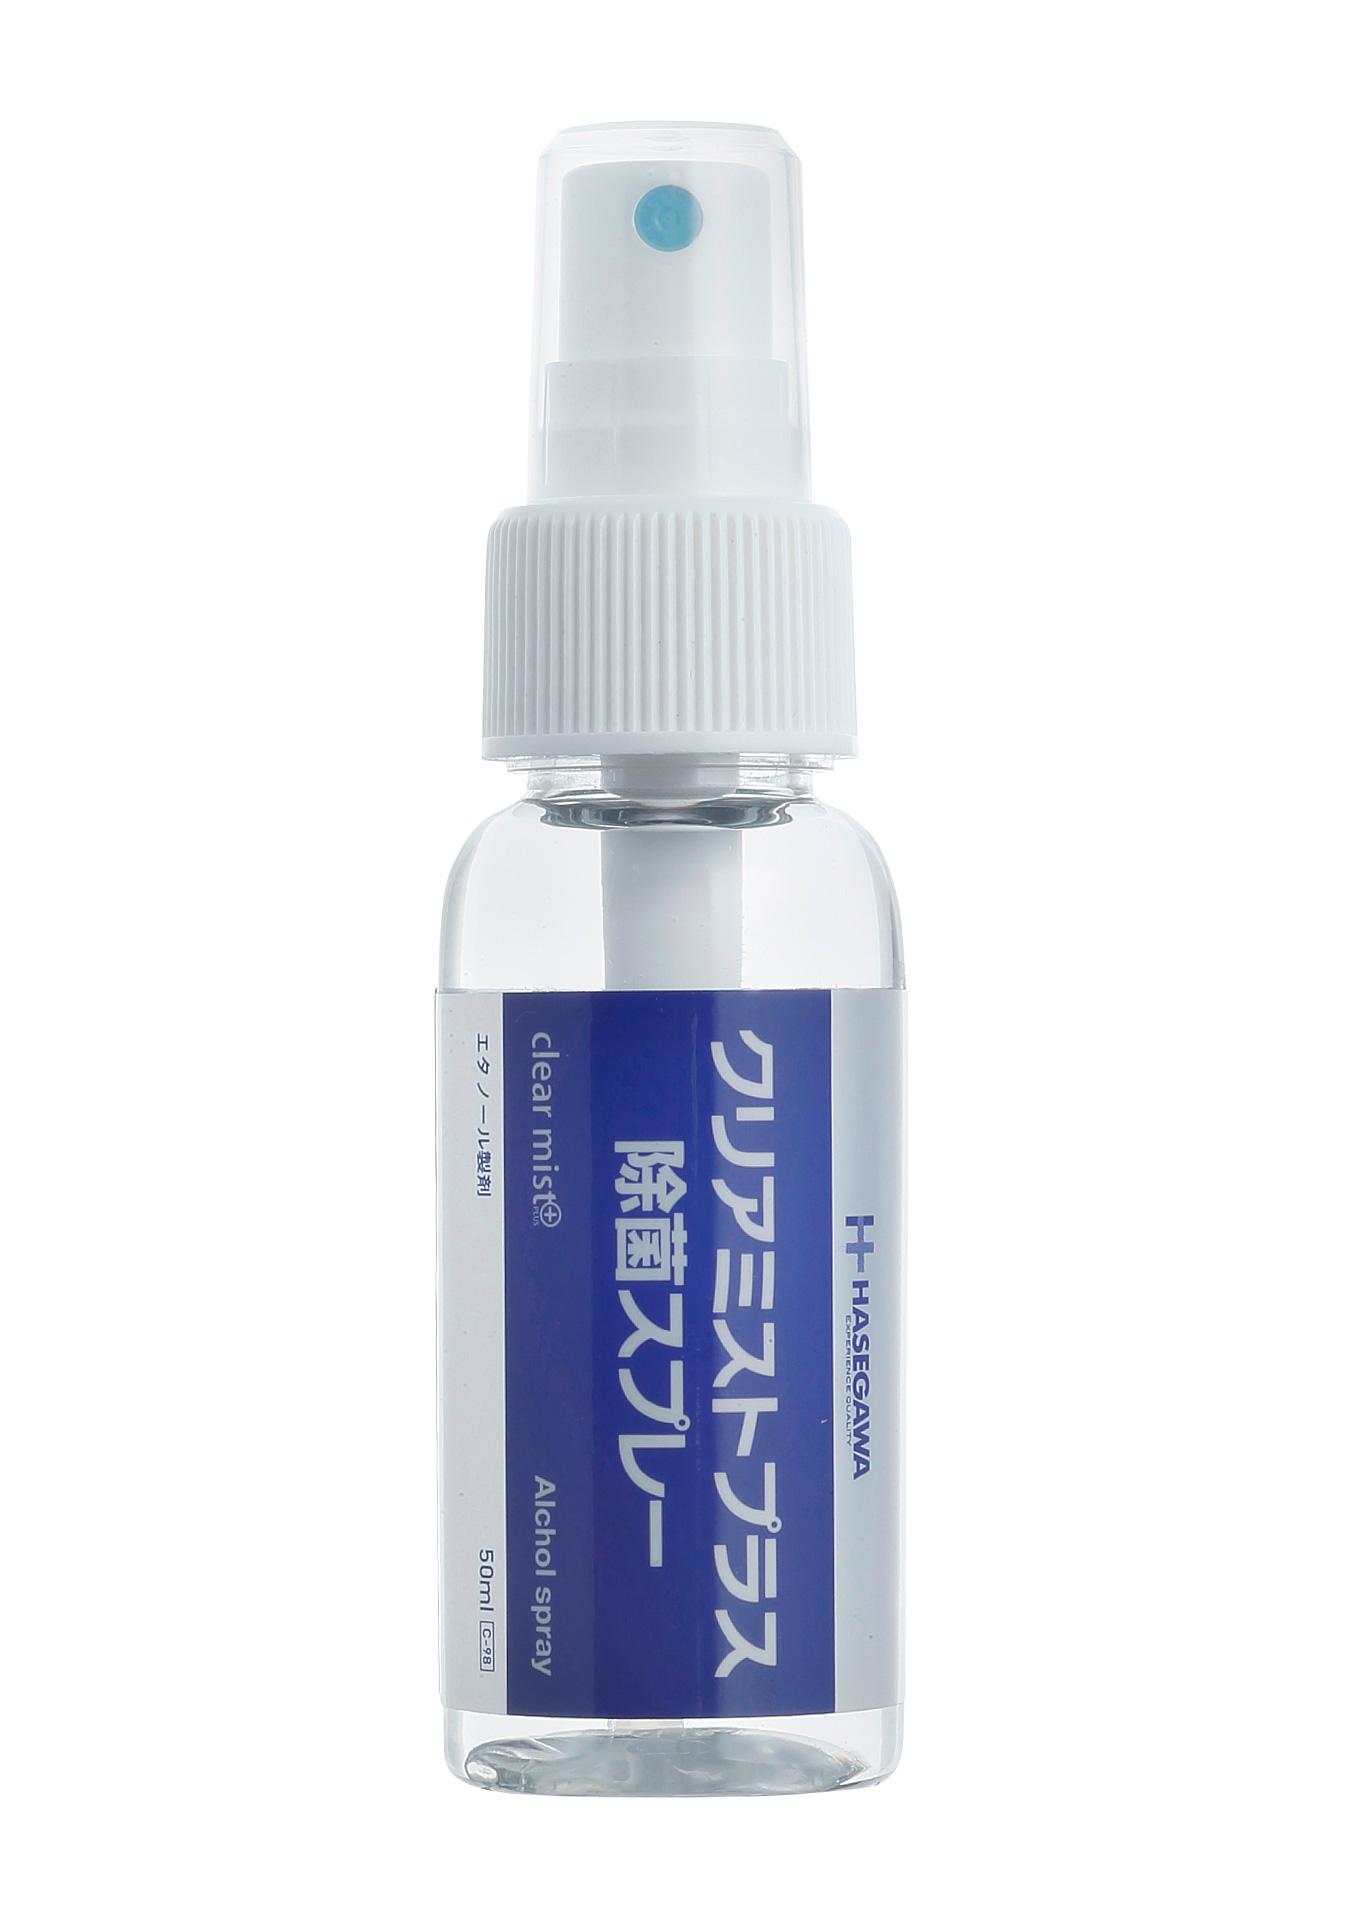 アルコール製剤(エタノール製剤) クリアミストプラス 除菌スプレー50ml